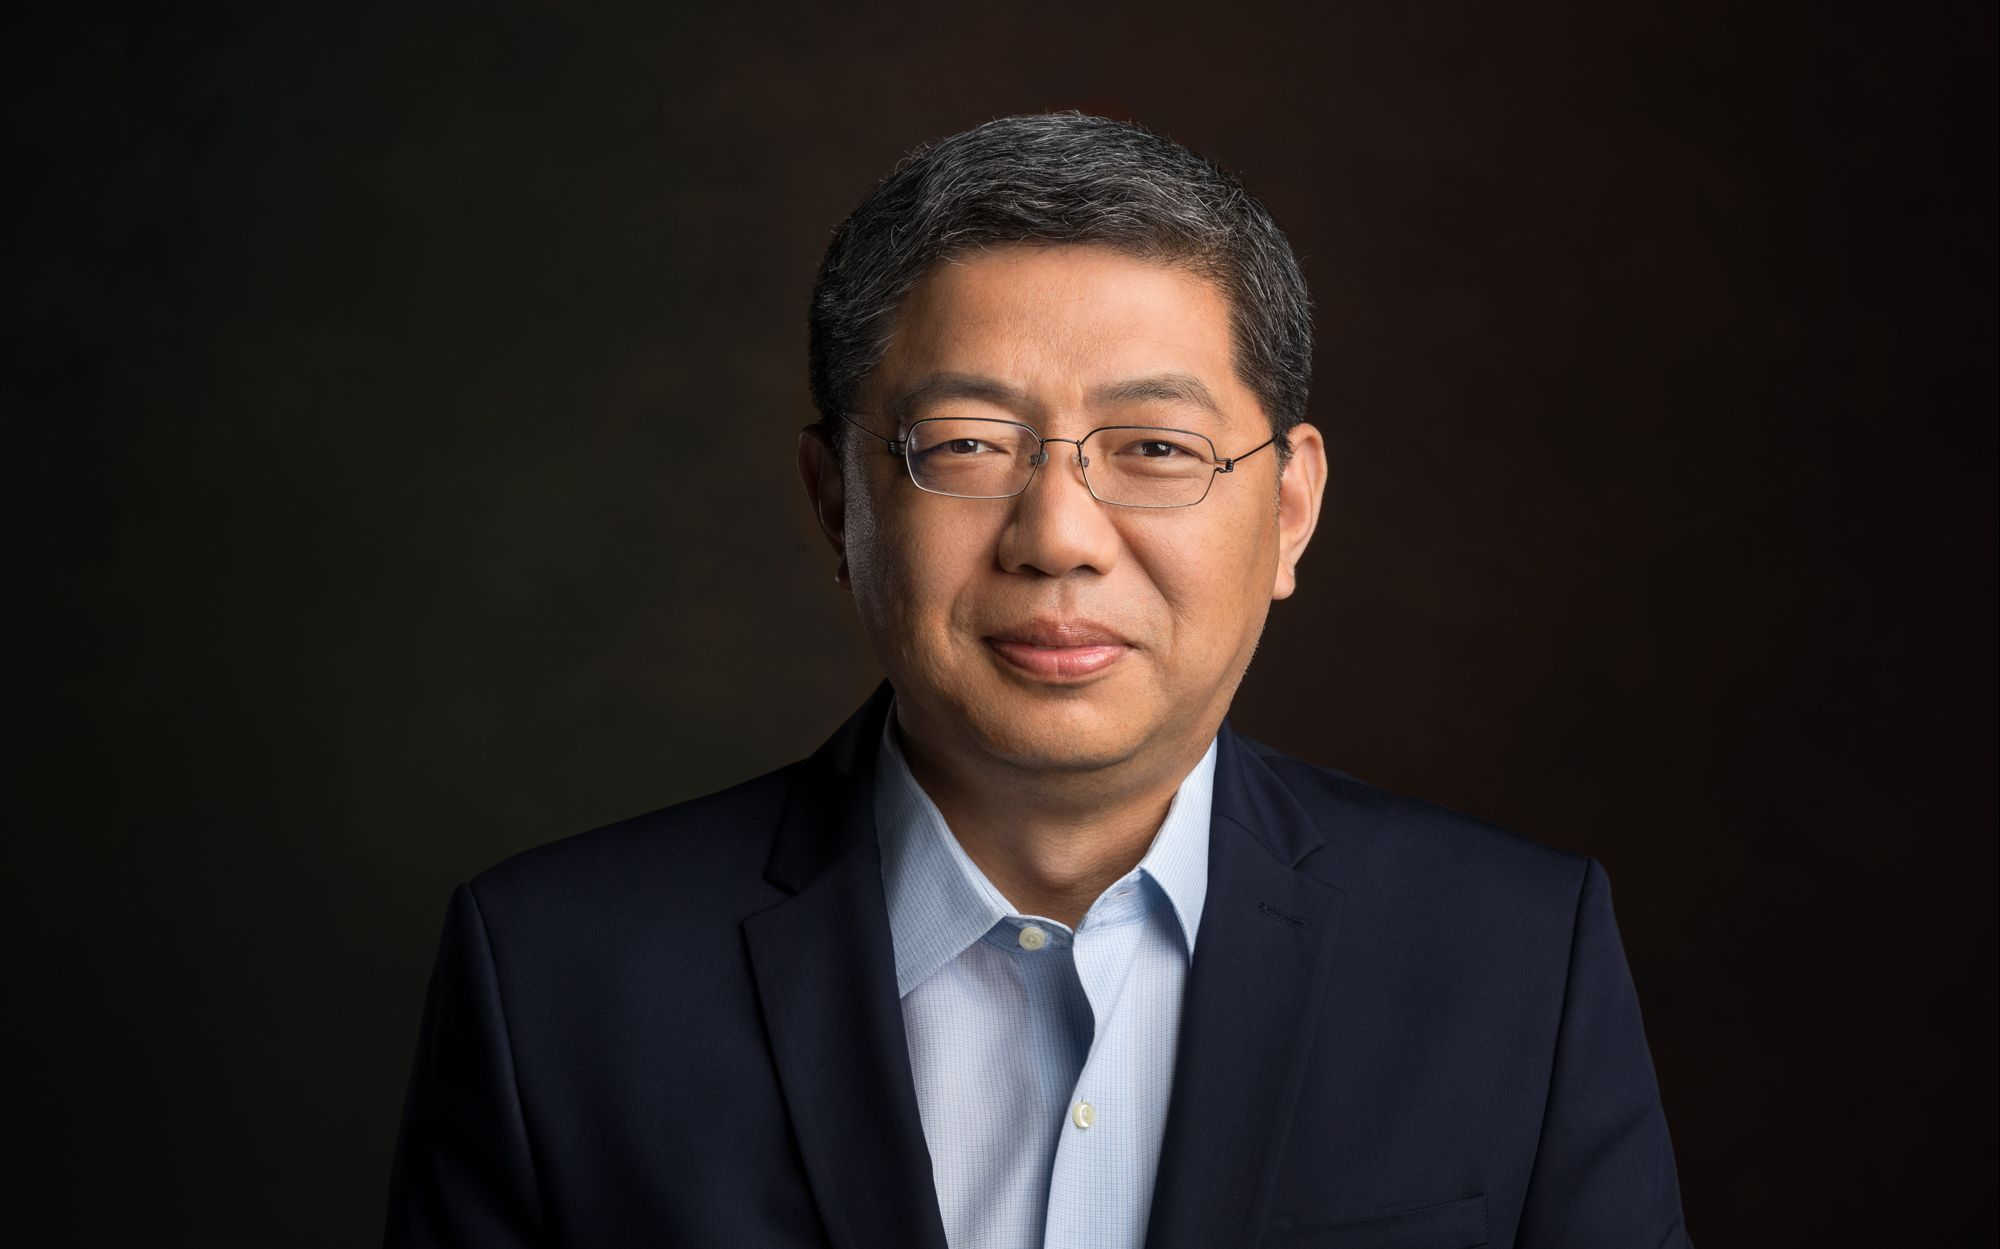 港交所首席中国经济学家巴曙松:Libra会使一些经济体越来越依赖财政政策